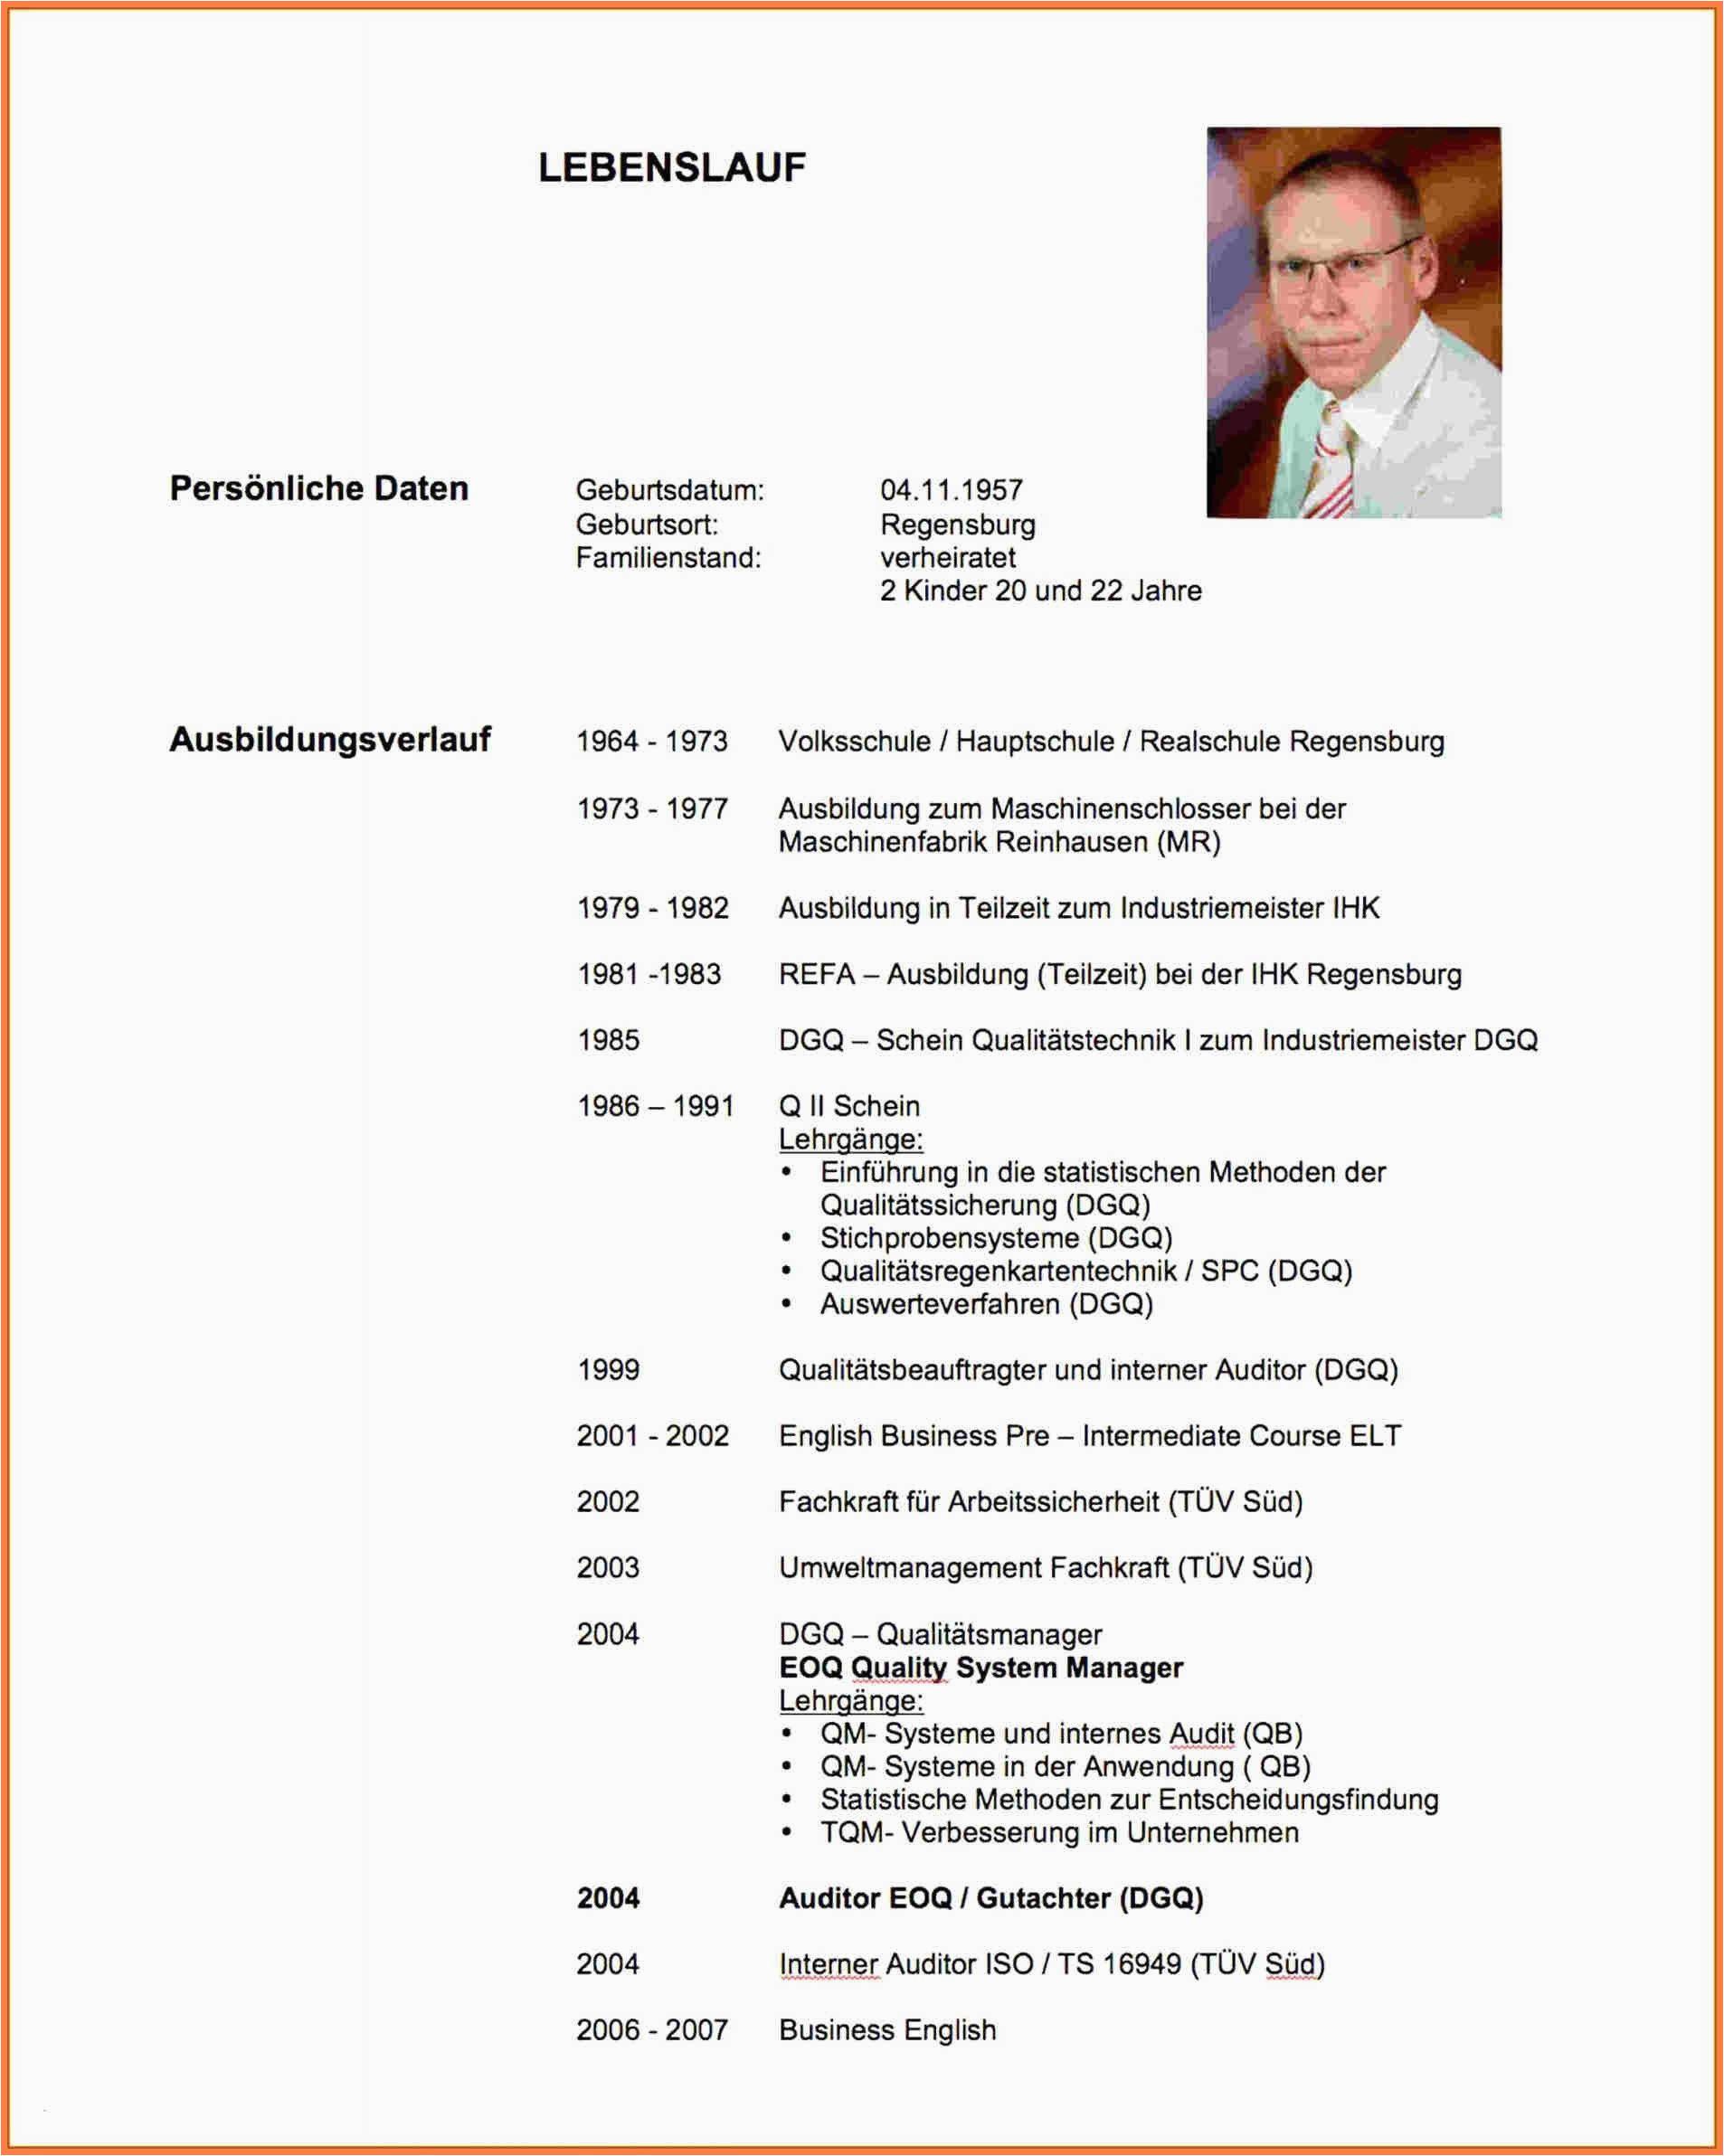 Lebenslauf Architektur Nürnberg Pin Von Szabolcs Horvath Auf Kreatv Cv In 2020 Mit Bildern